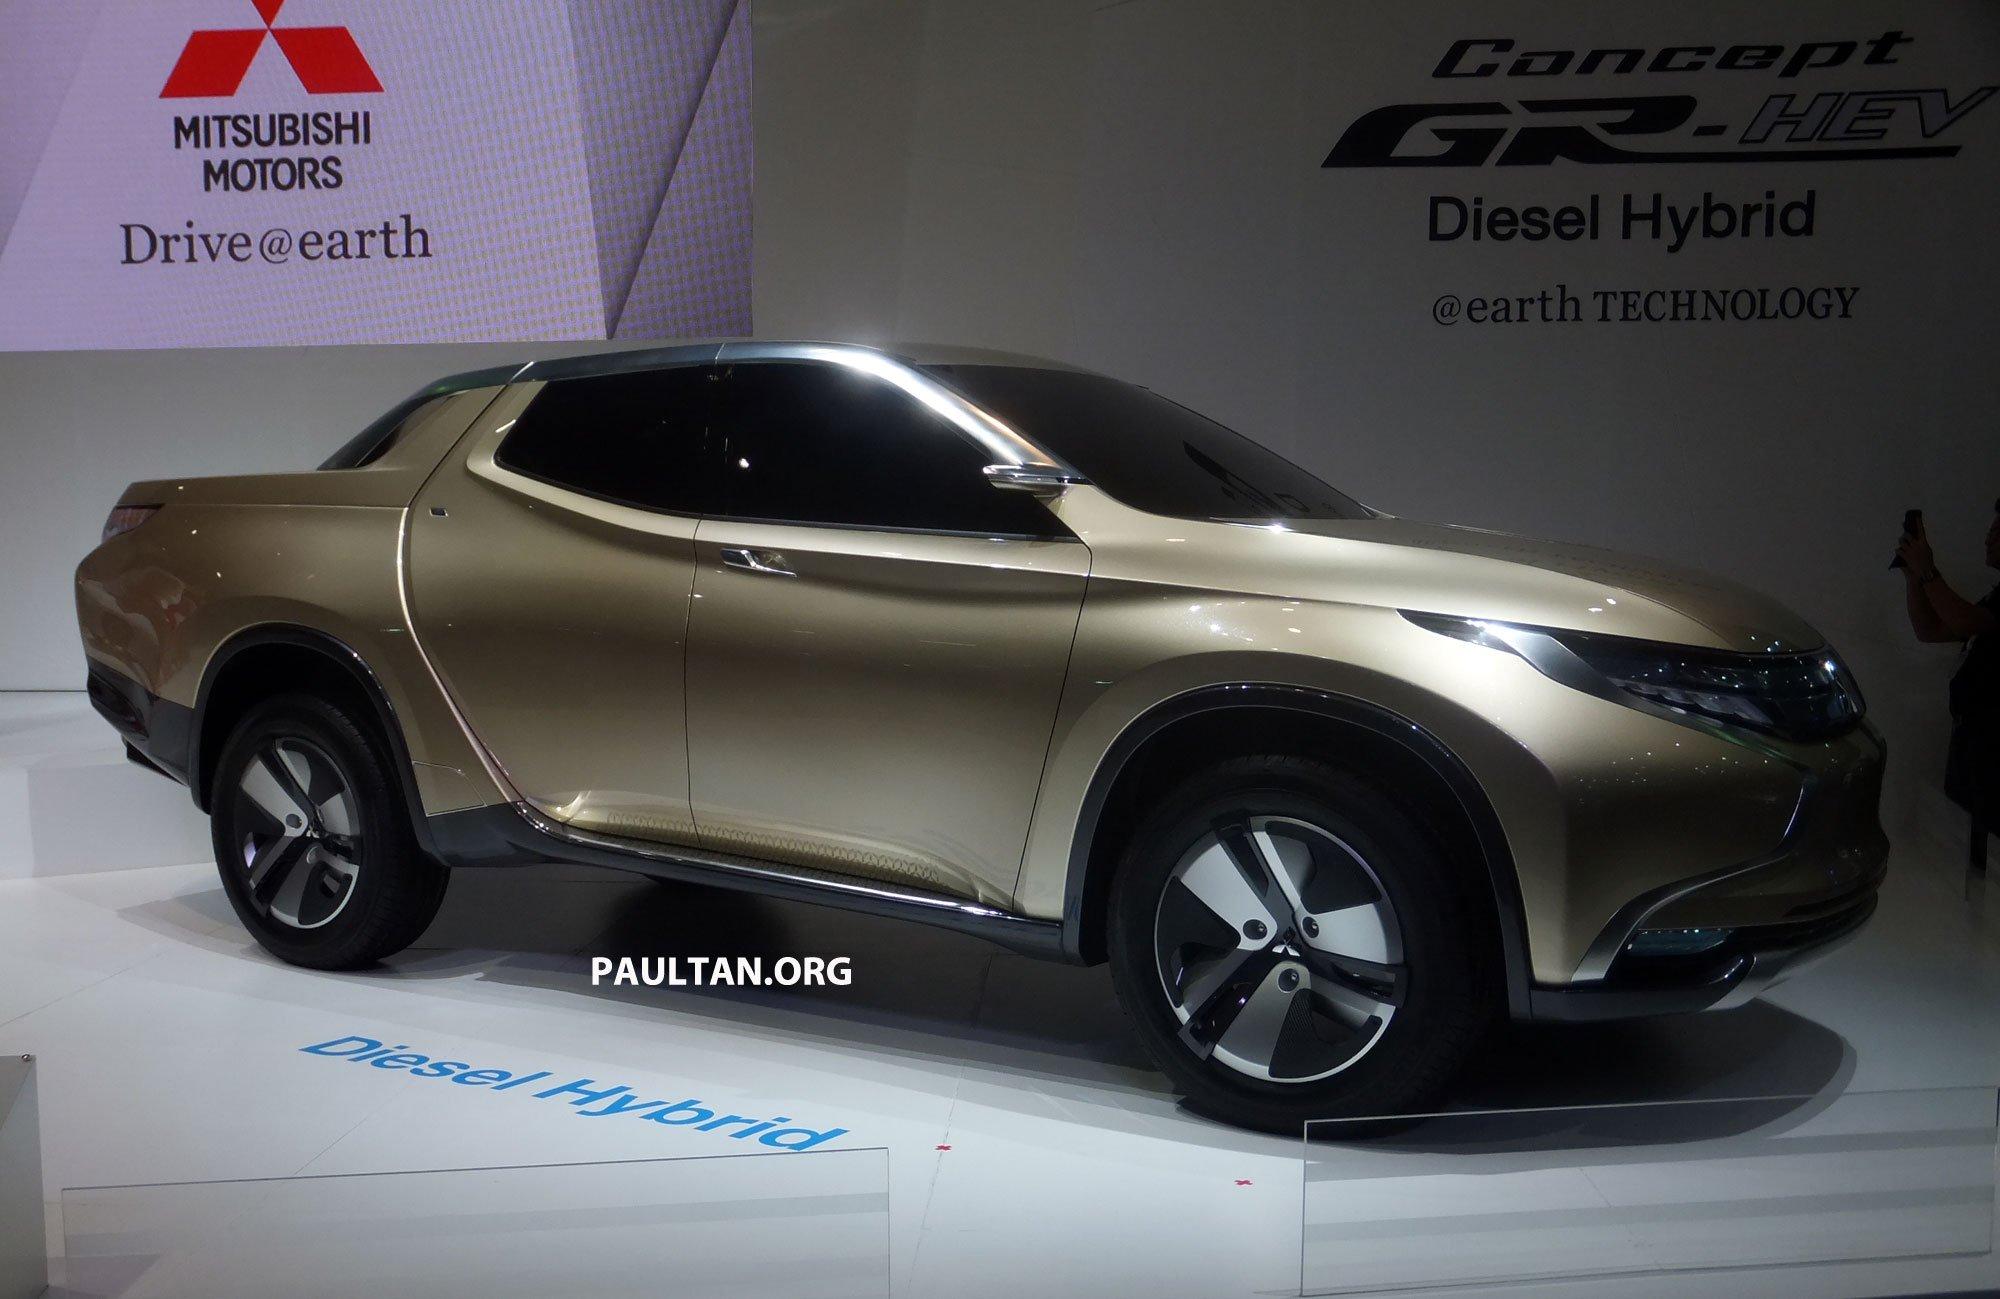 Mitsubishi Gr Hev Concept Hints At Next Triton Paul Tan